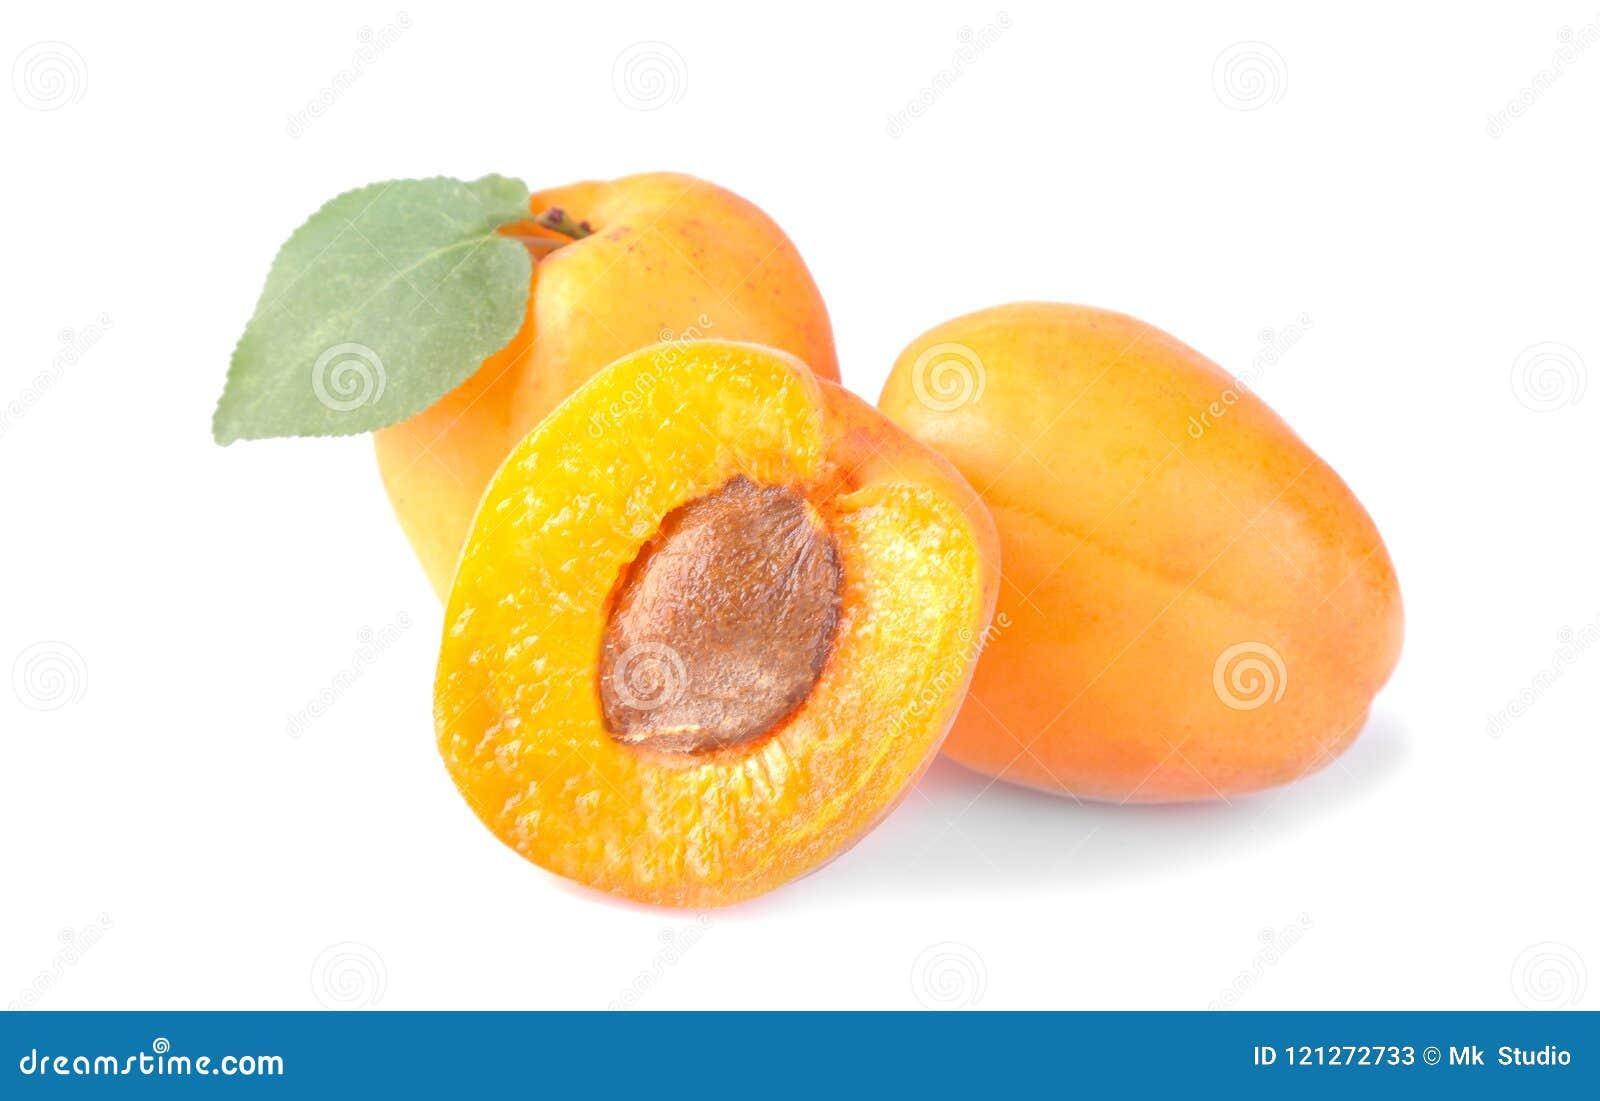 Abricots frais et une moitié d abricot avec une feuille sur un fond blanc d isolement